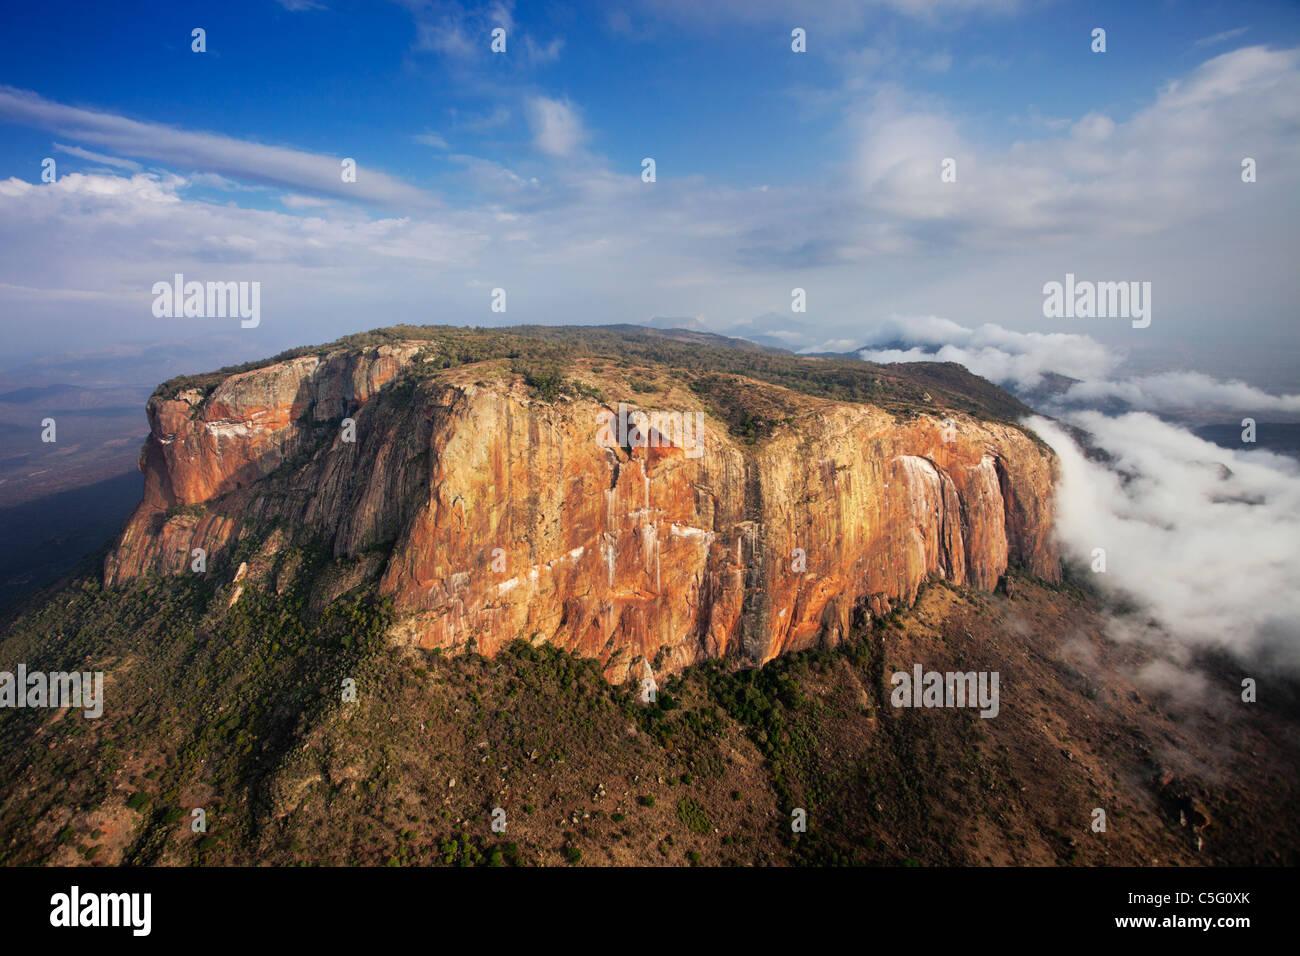 Ololokwe mountain is a striking landmark in Northern Kenya. - Stock Image